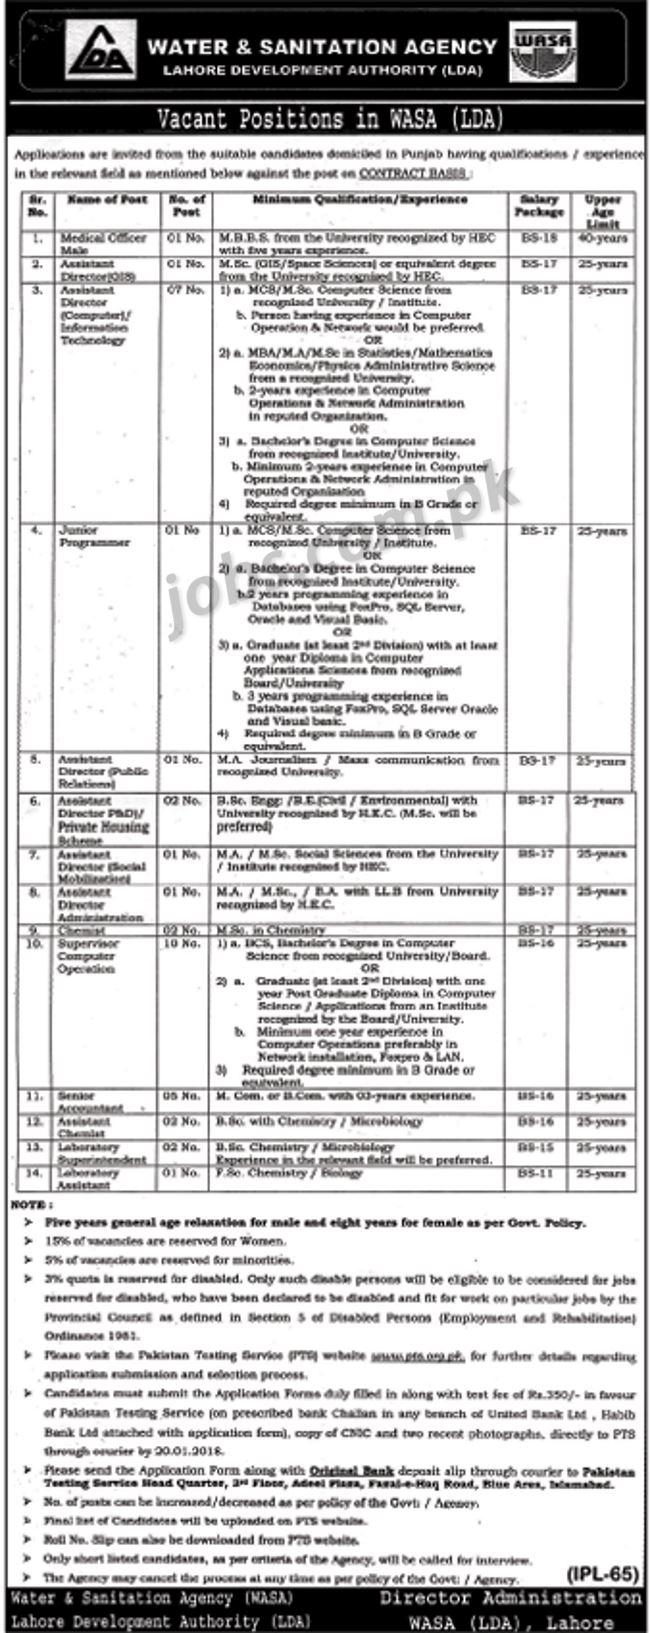 lahore development authority  lda  jobs 2018 for 35  posts